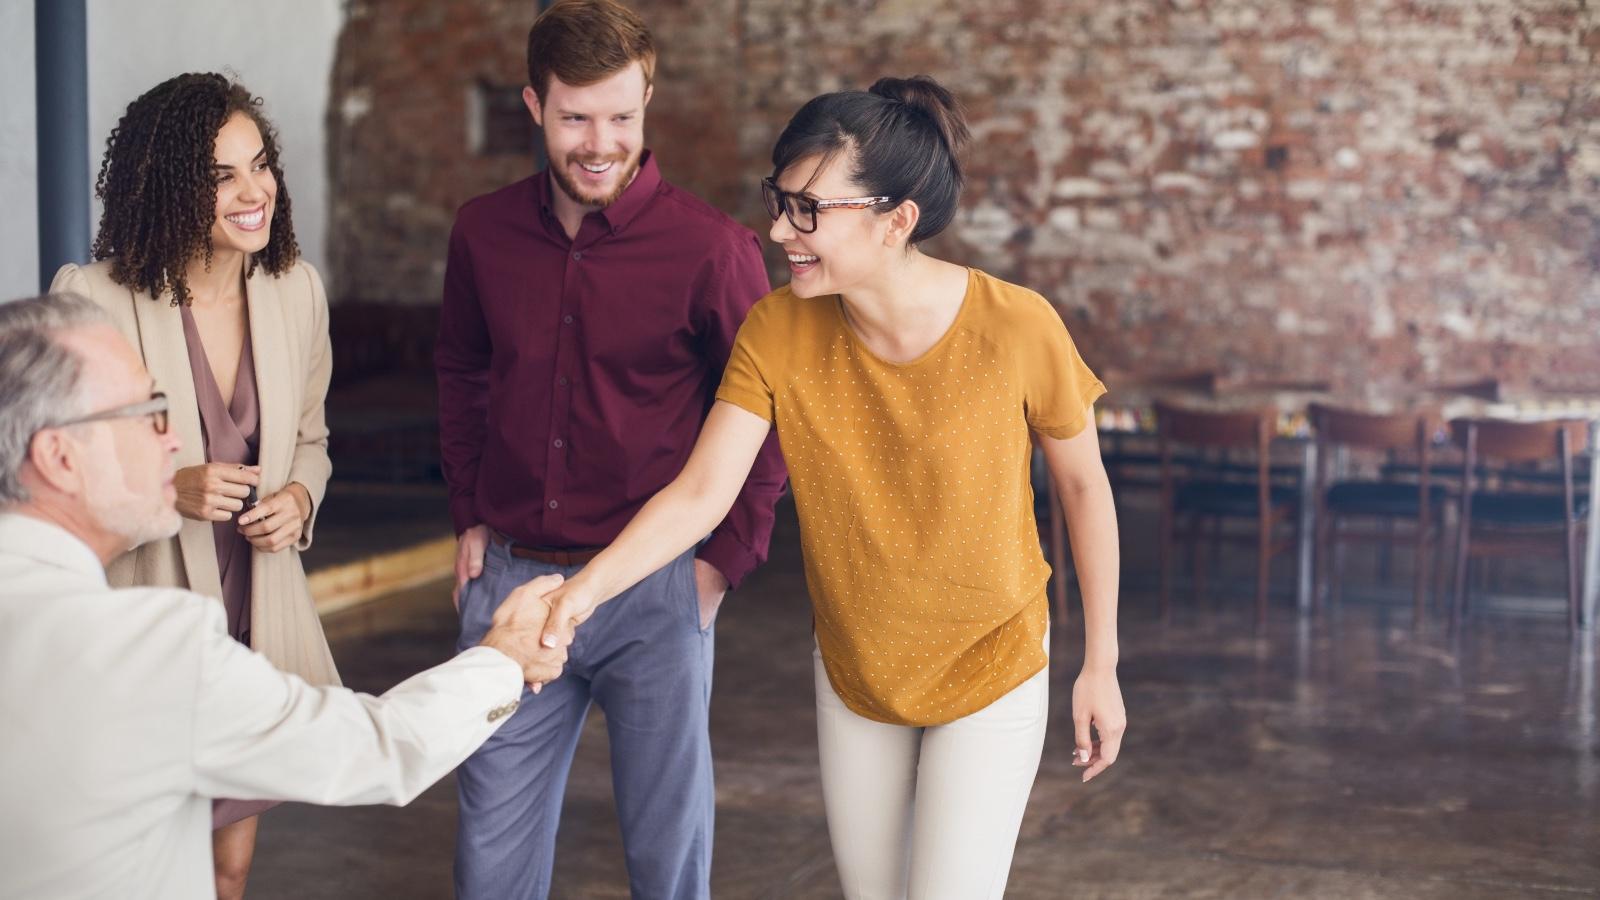 Como encantar o cliente? Conheça 5 técnicas de vídeo que contribuirão nesse sentido